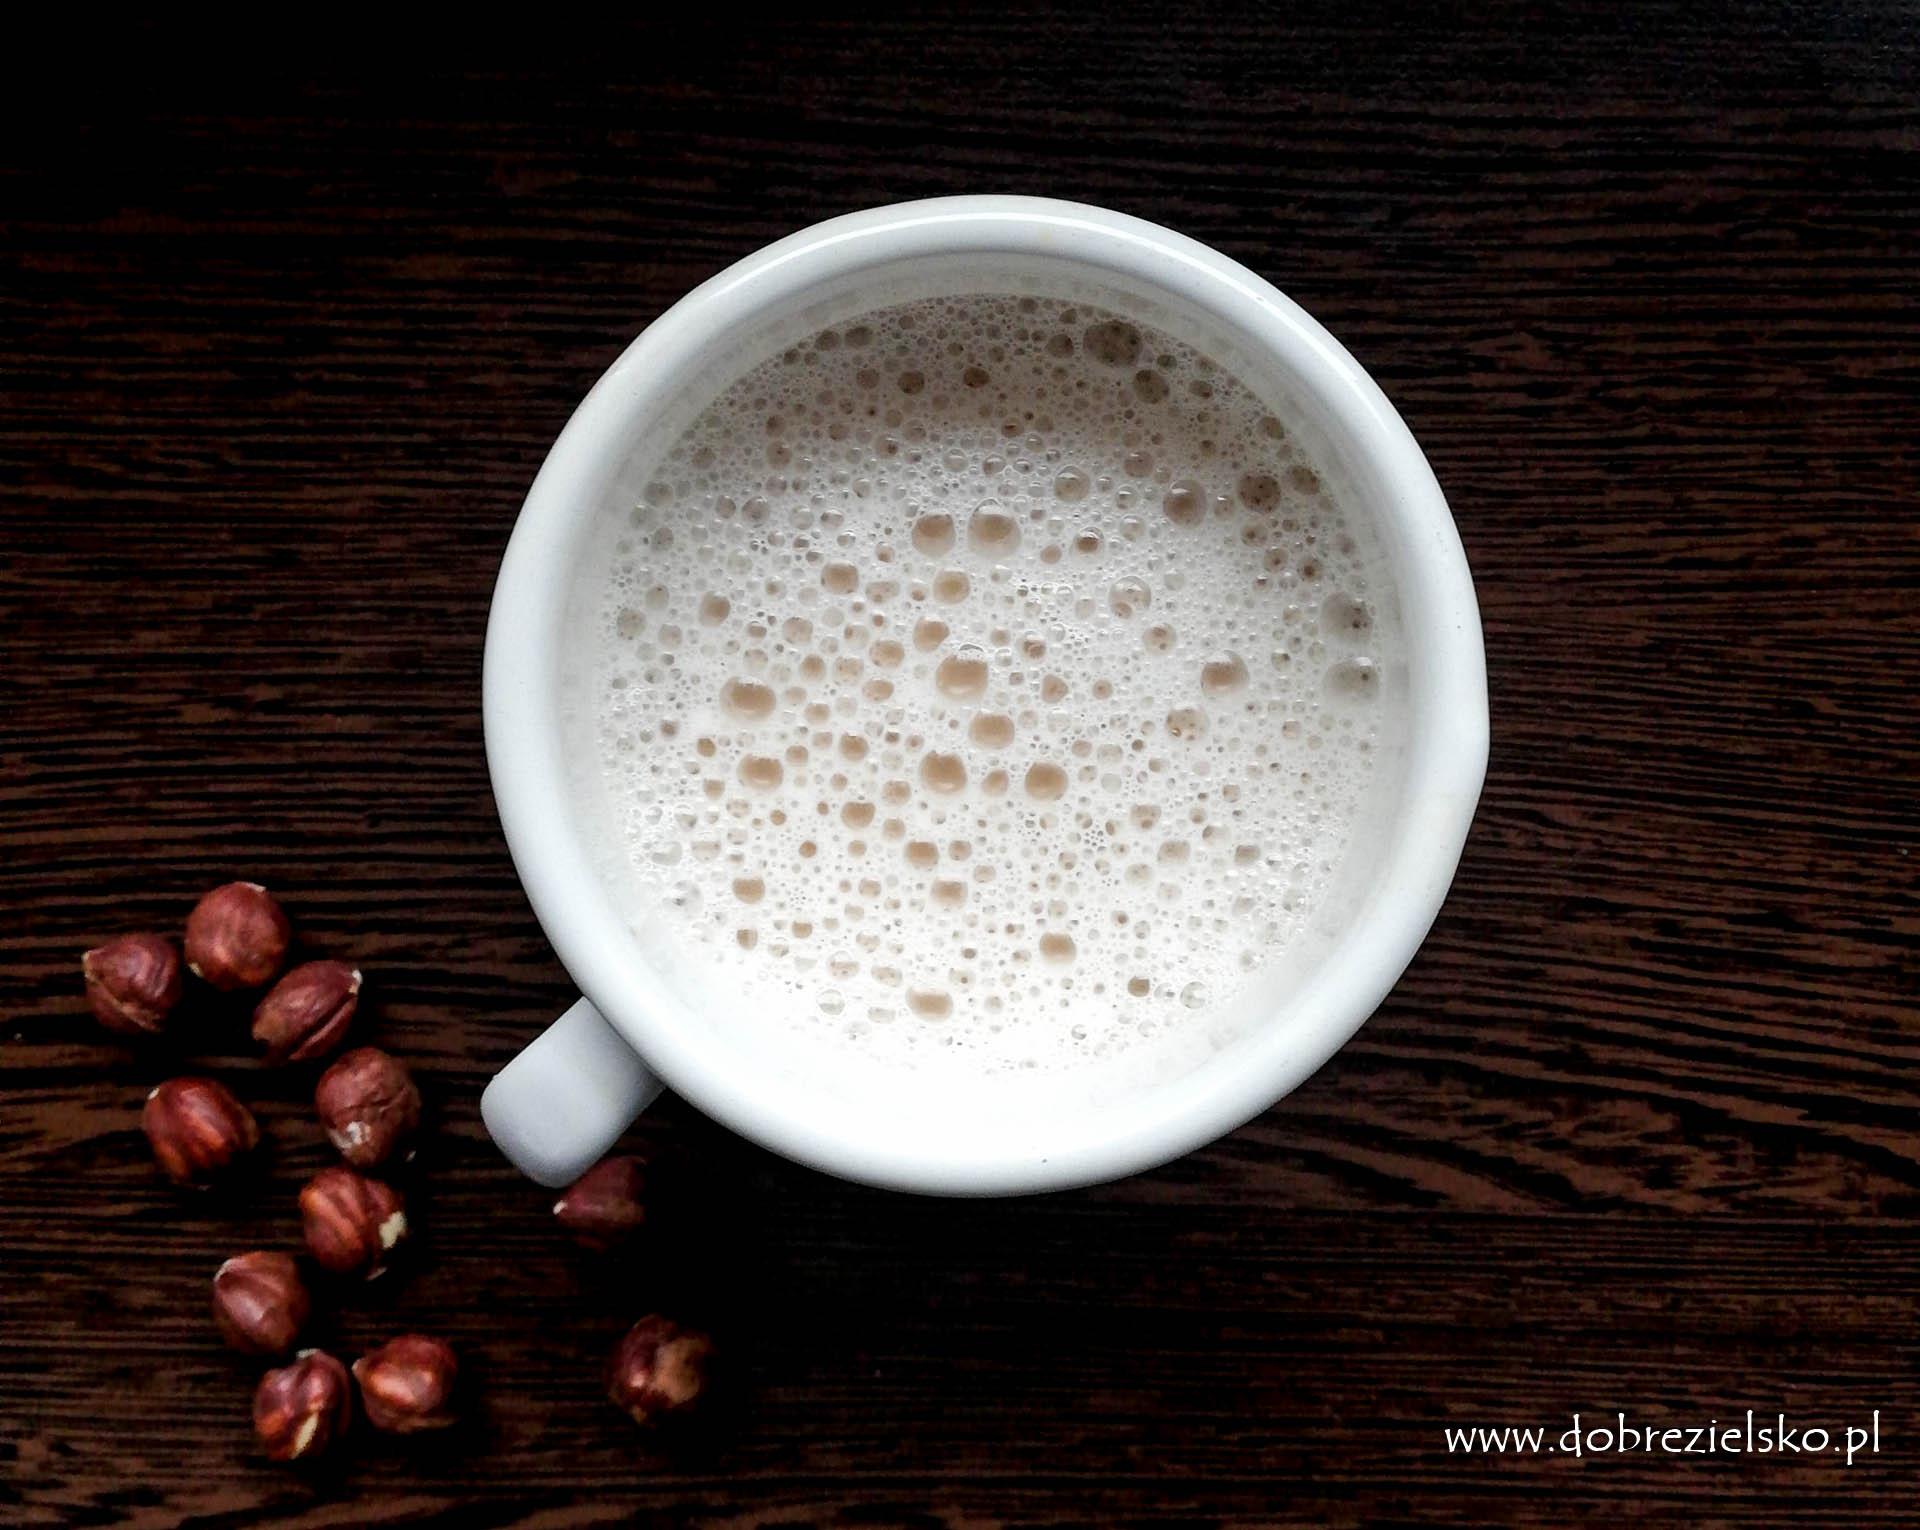 domowe mleko roślinne mleko z orzechów laskowych bezglutenowe wegańskie